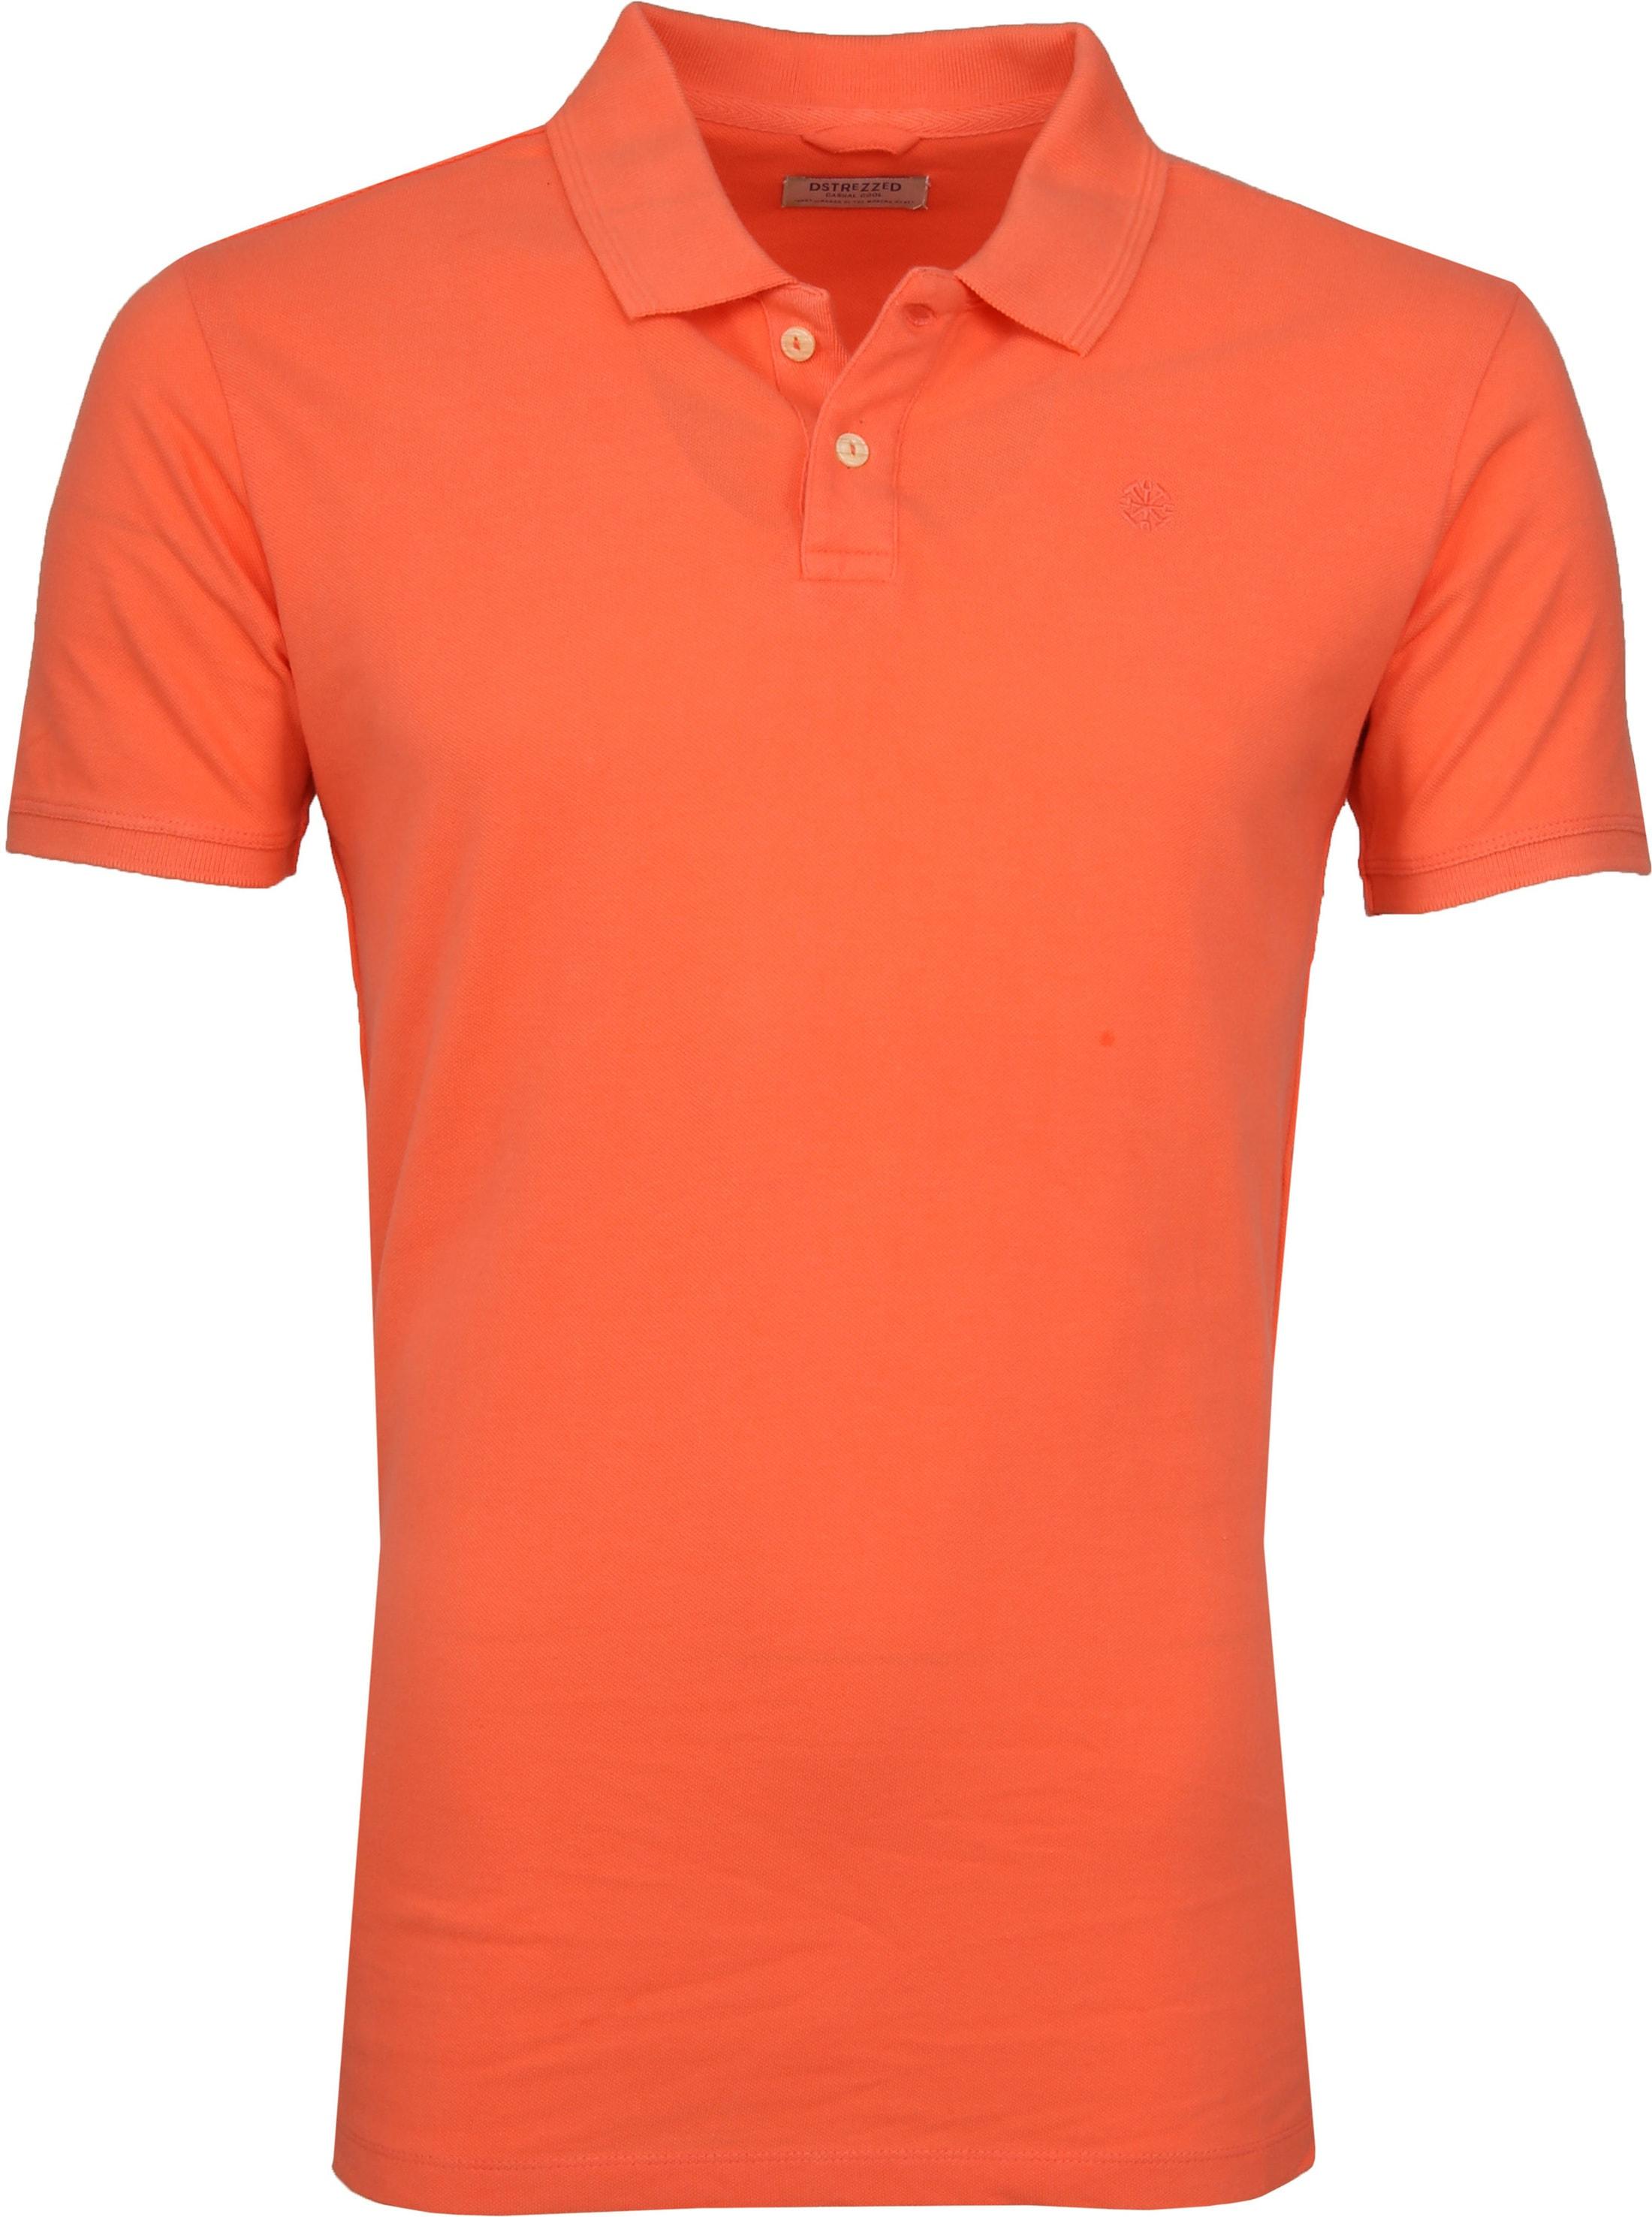 Dstrezzed Bowie Polo Oranje foto 0